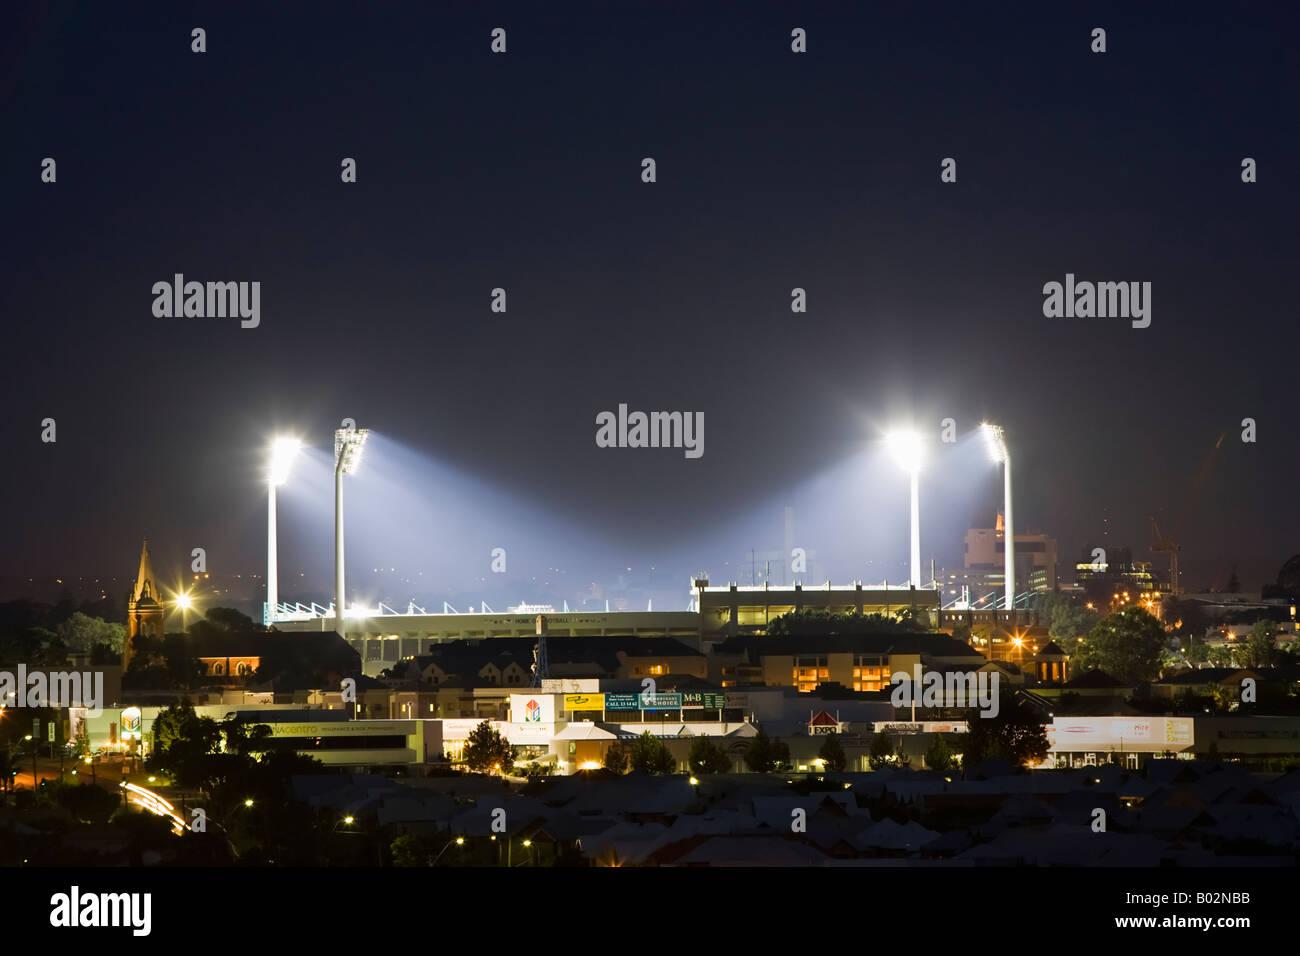 Subiaco Oval-Stadion in Perth, Western Australia mit Flutlicht auf. Stockbild